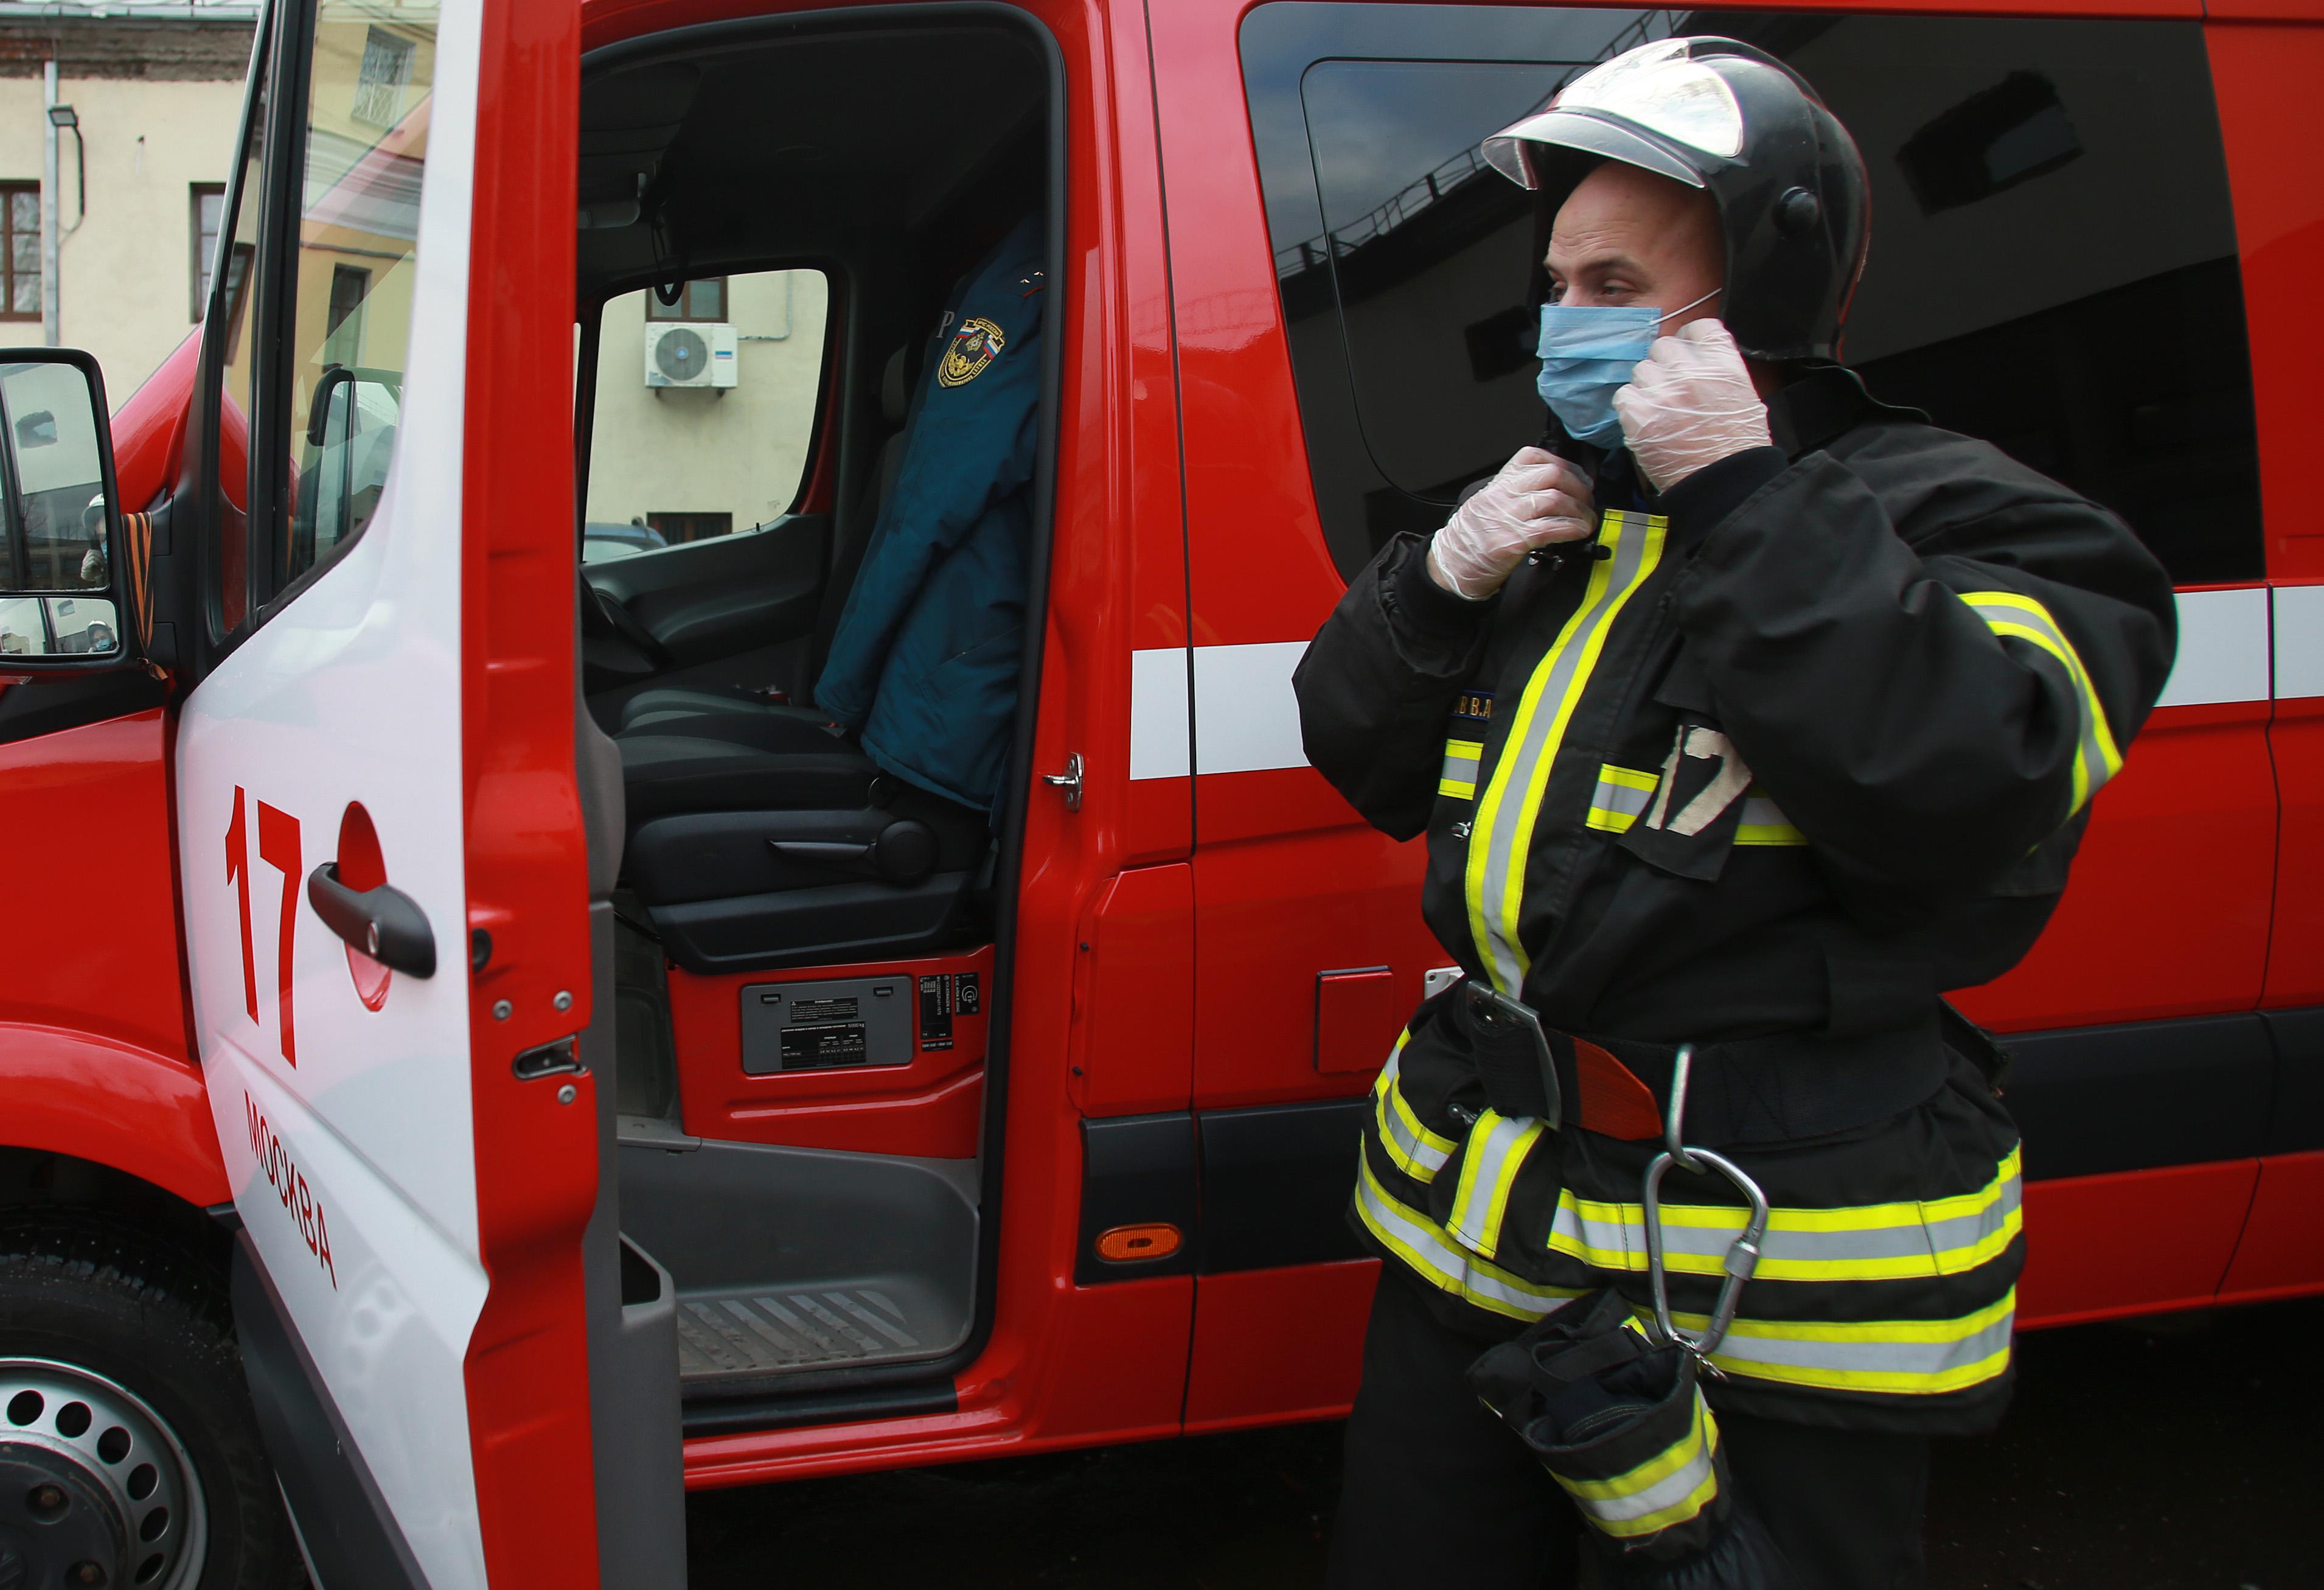 На страже безопасности: пять пожарных депо построят в Новой Москве до конца 2020 года